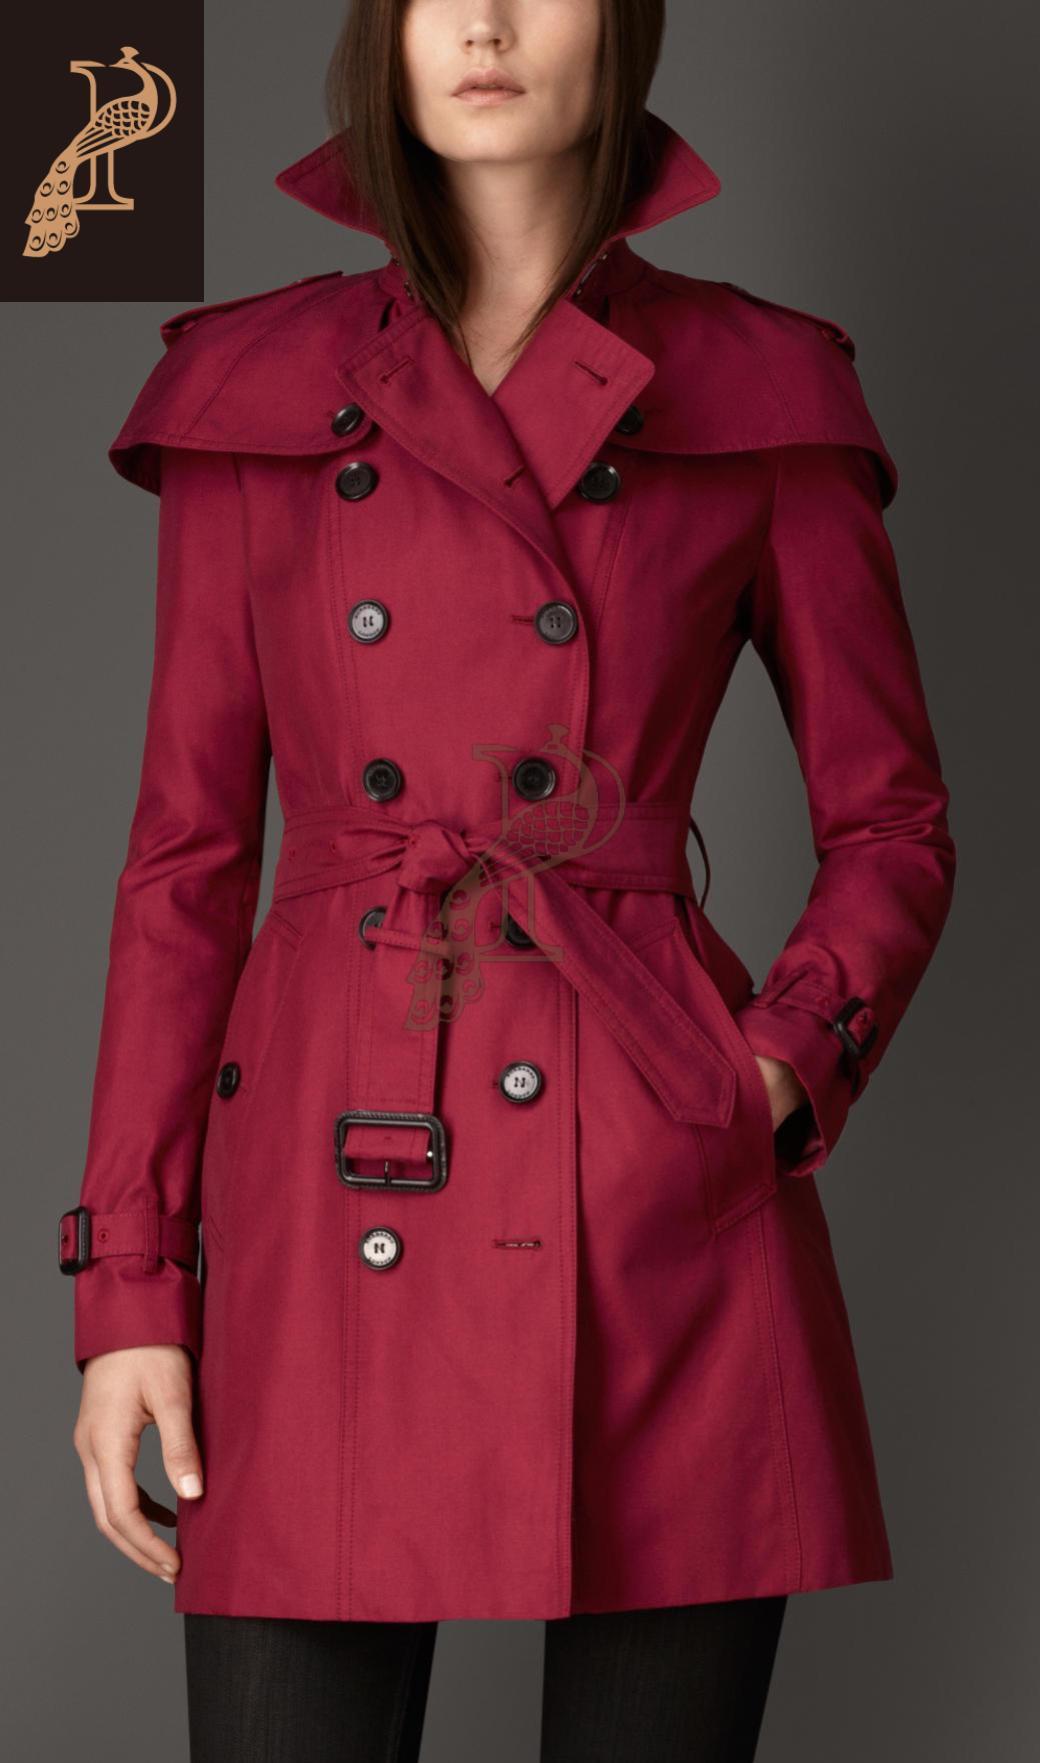 美國代購巴寶莉burberry女裝風衣london系列 紅色中長